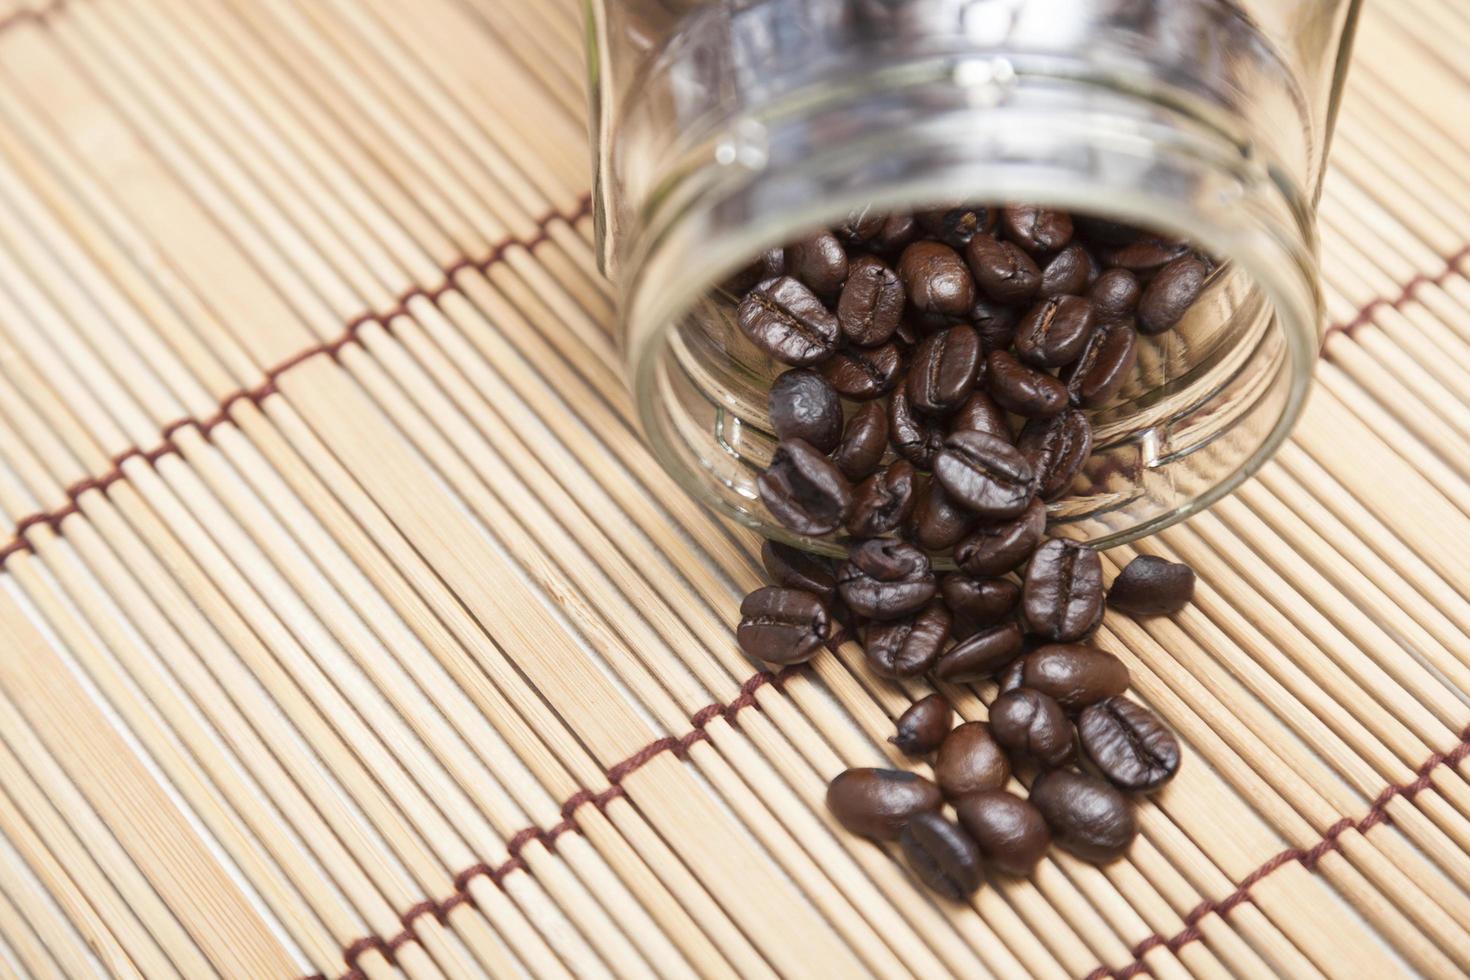 koffiebonen die uit de fles zijn gemorst foto